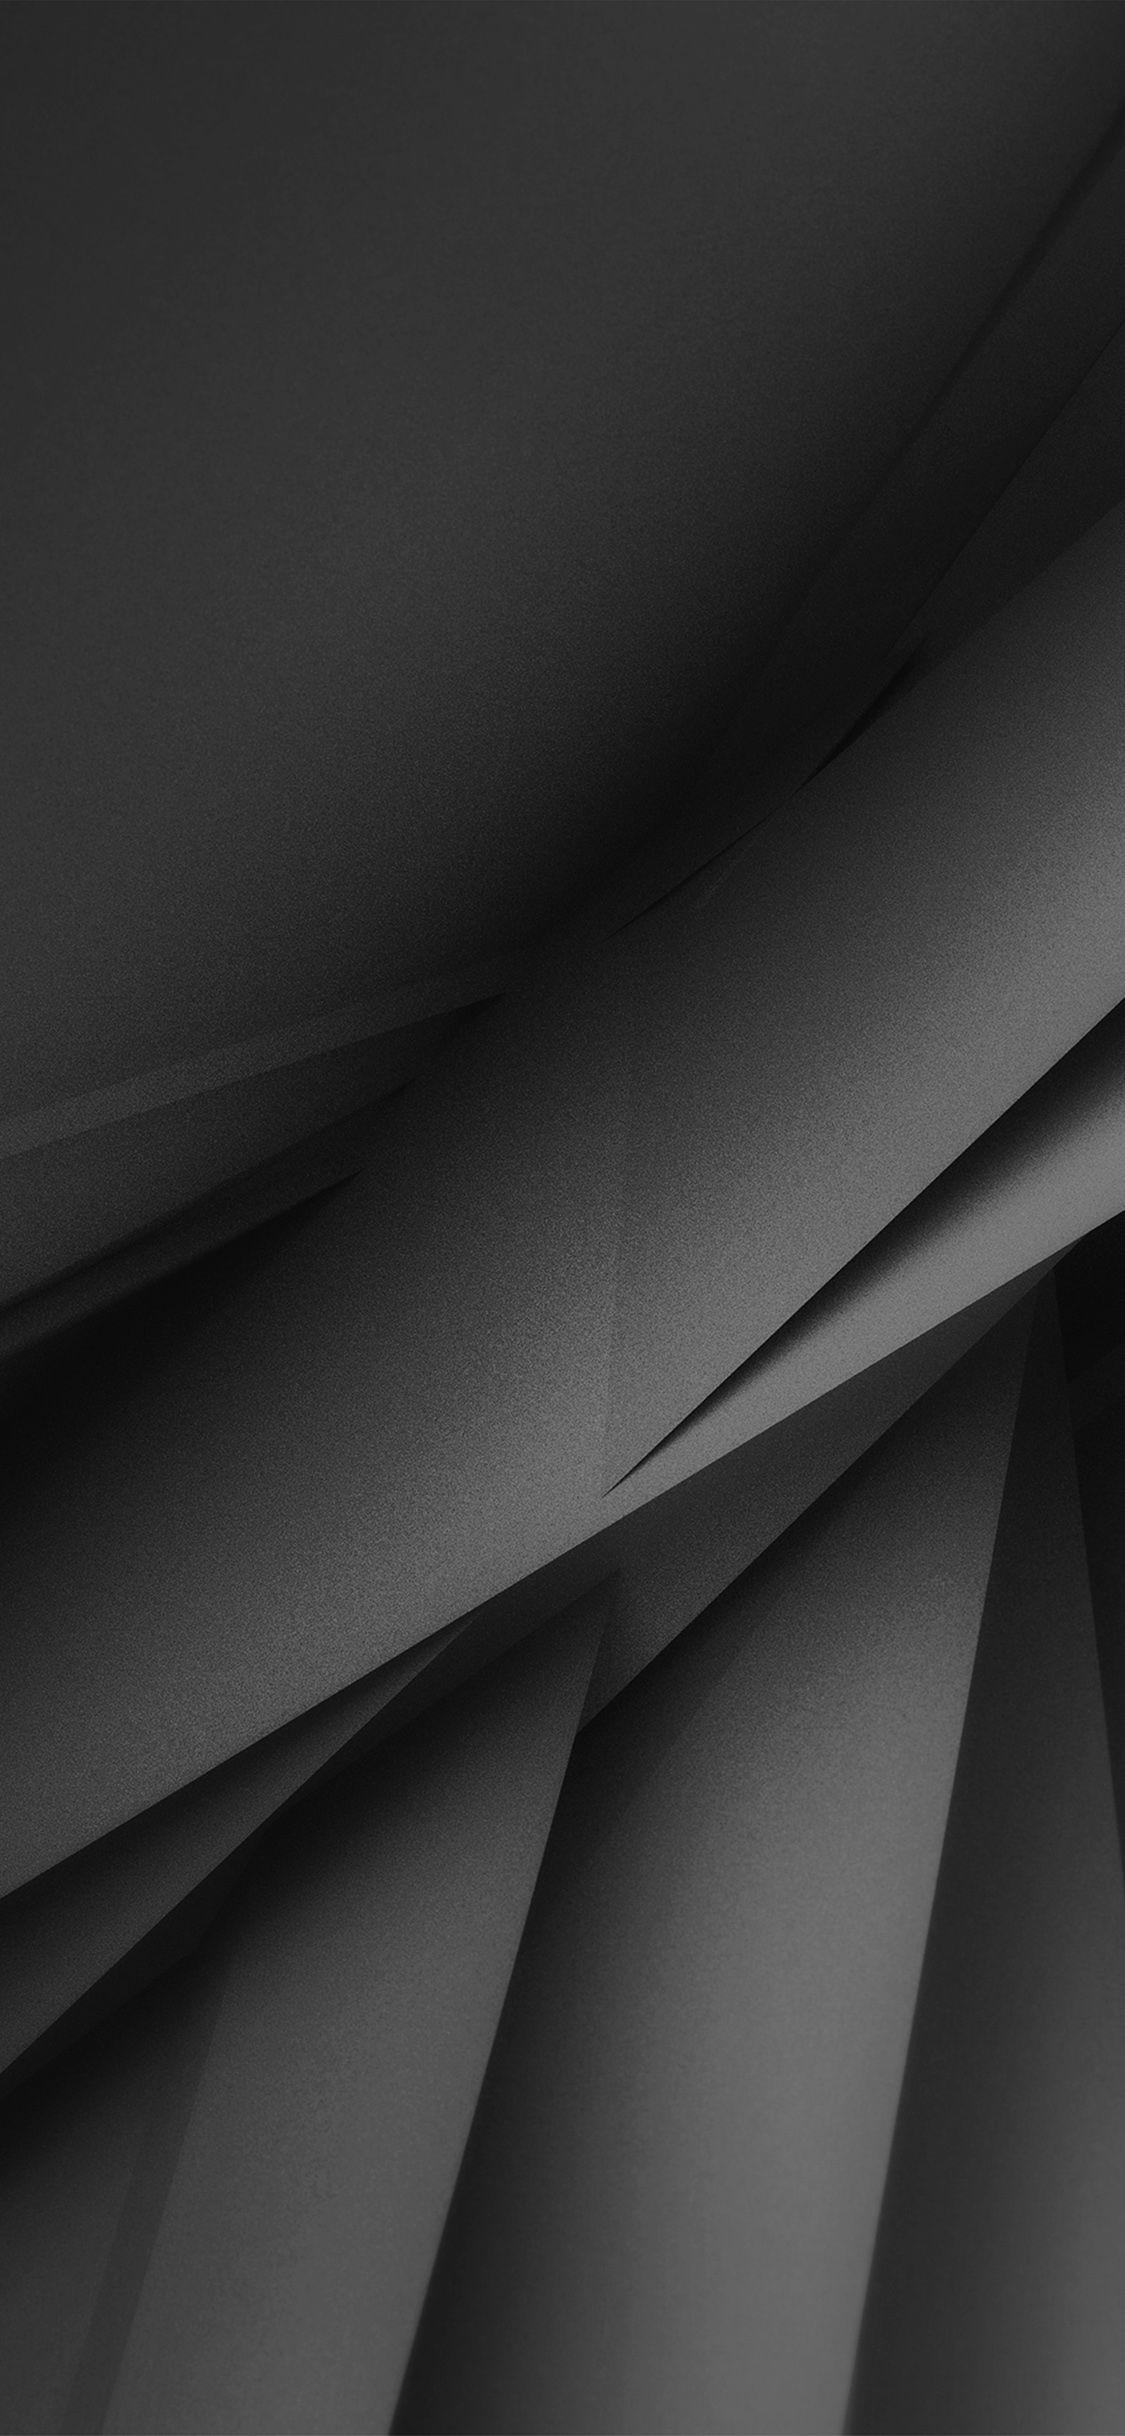 iPhoneX wallpaper vs30abstractbackgroundlineshape